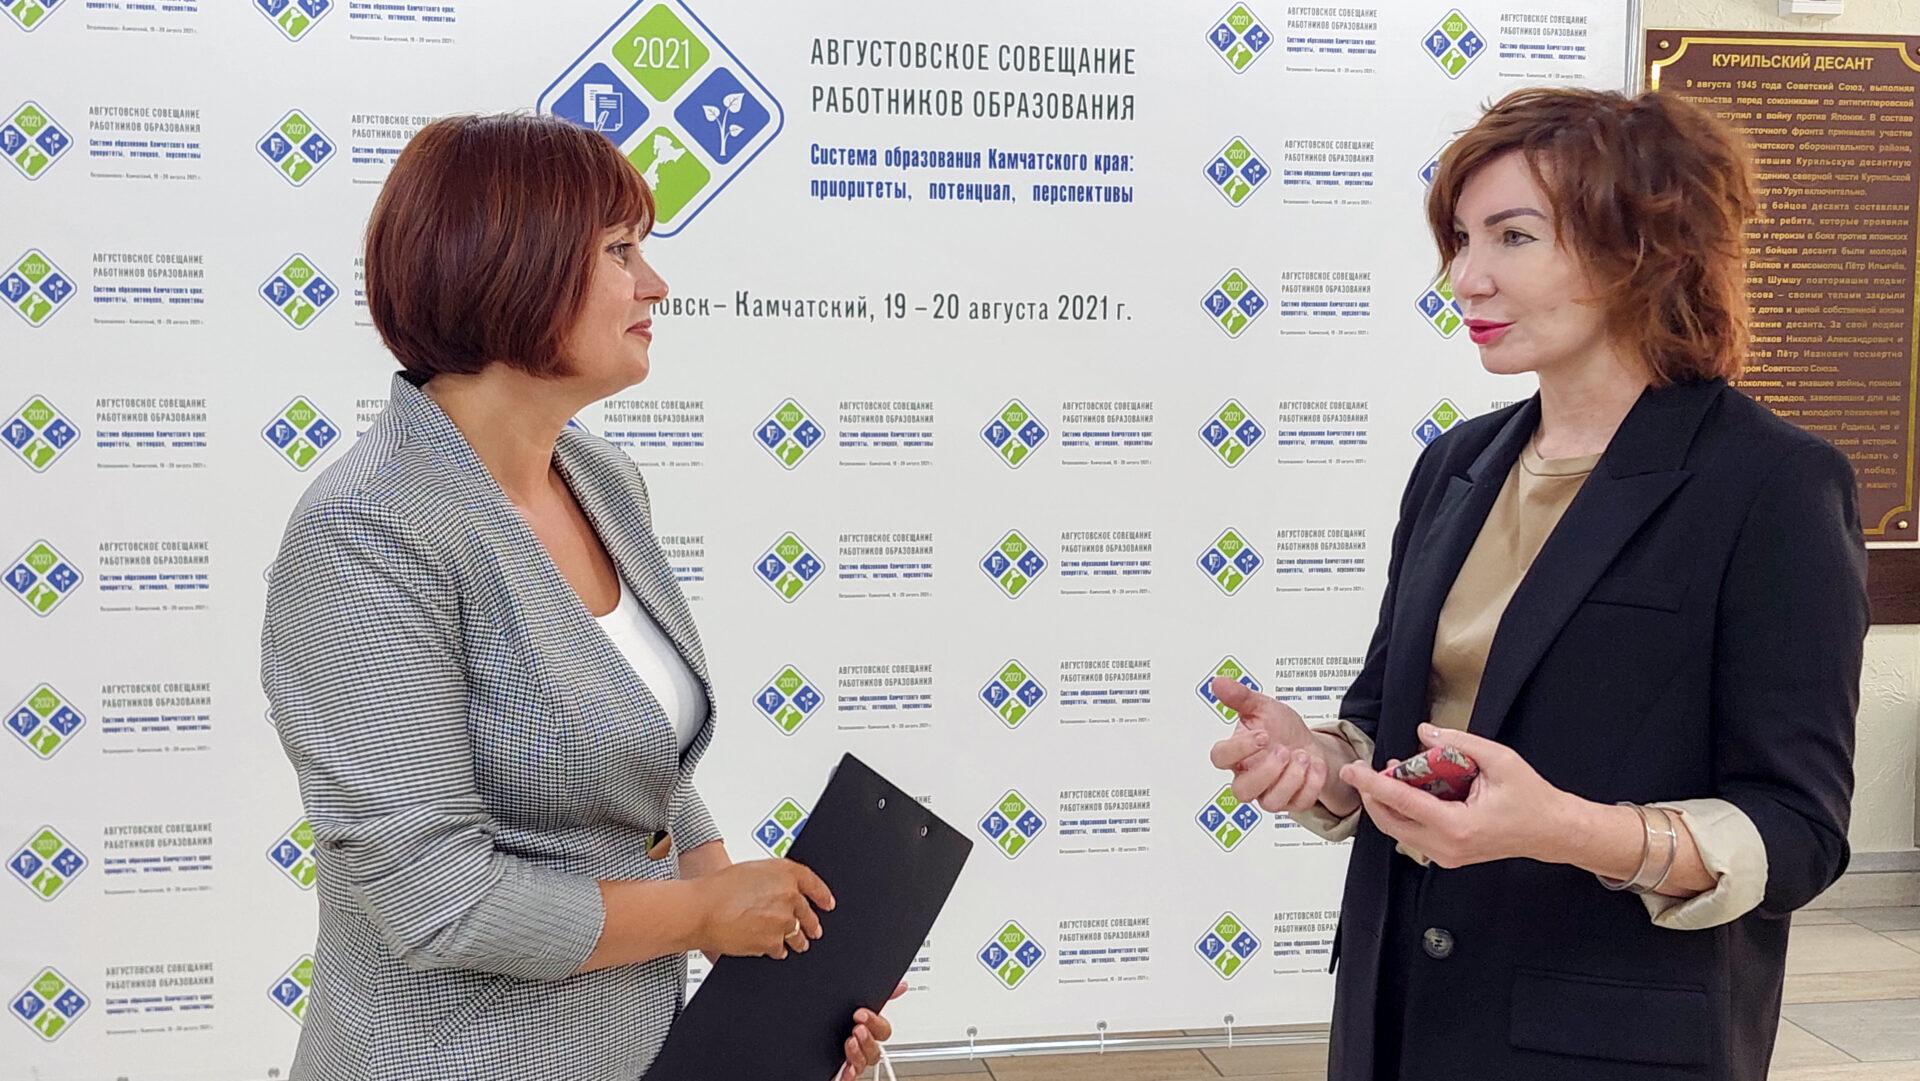 Образовательная экспедиция СОТ в Камчатский край: интервью с министром образования Камчатского края